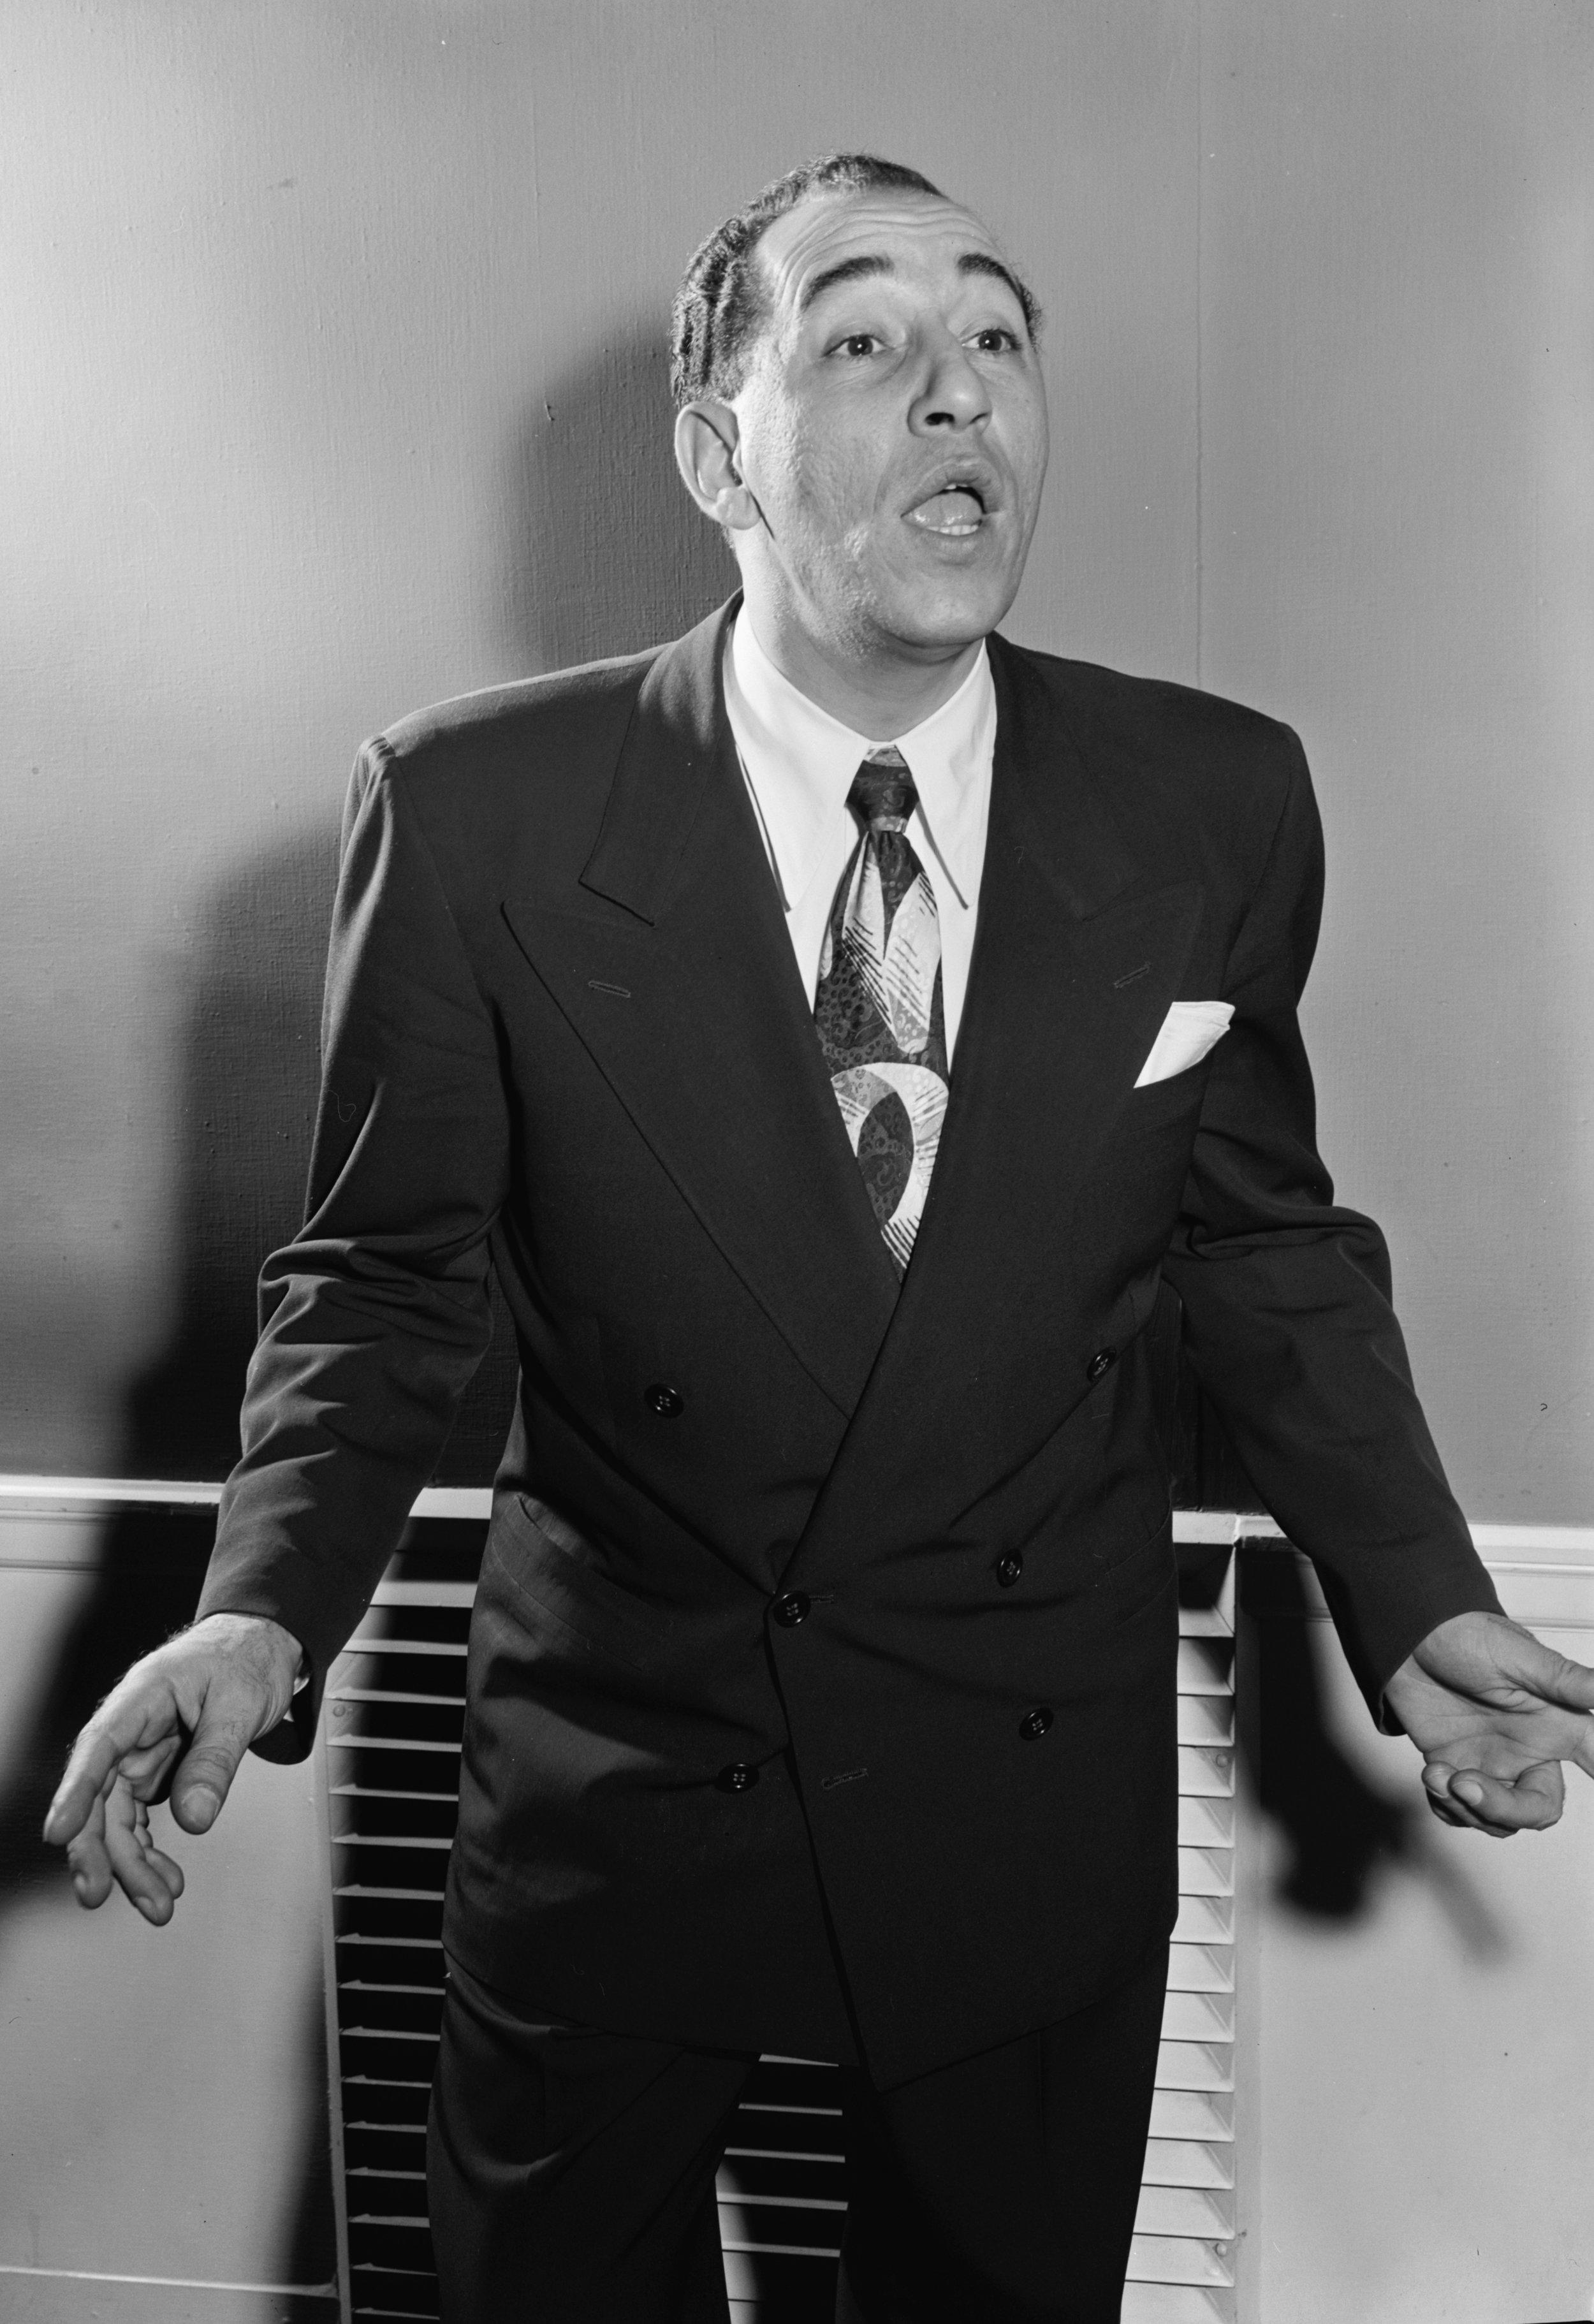 """Louis Prima - Einzig und allein ist es Louis Prima zu verdanken, dass die Roaring Zucchinis ins Leben gerufen worden.Louis Prima's Shows waren Highlights in Las Vegas und den Rest der USA - er stand fürTop Musik, Top Stimmung und Top Show. Trotz Hits wie I Wanna Be Like You, Buona Sera und Angelina, ist Louis Prima nicht jedem ein Begriff. Doch wer den Namen kennt, weiß dass seine Musik für grenzenlosen Spaß und Swing in der Musikwelt der 50er und 60er Jahre steht, und das noch bis heute!Lust mal reinzuhören was die Roaring Zucchinis alles spielen?If It weren't for Louis Prima the Roaring Zucchinis would not be around today.Top music, top atmosphere and top shows are all synonyms for this great musician and singer. Despite hits like """"I Wanna Be Like You, Buona Sera and Angelina, not everybody has heard of Louis Prima. Those of you who have heard of him, know that his music represents fun and swing in the music world of the 50s and 60s, up until today!"""